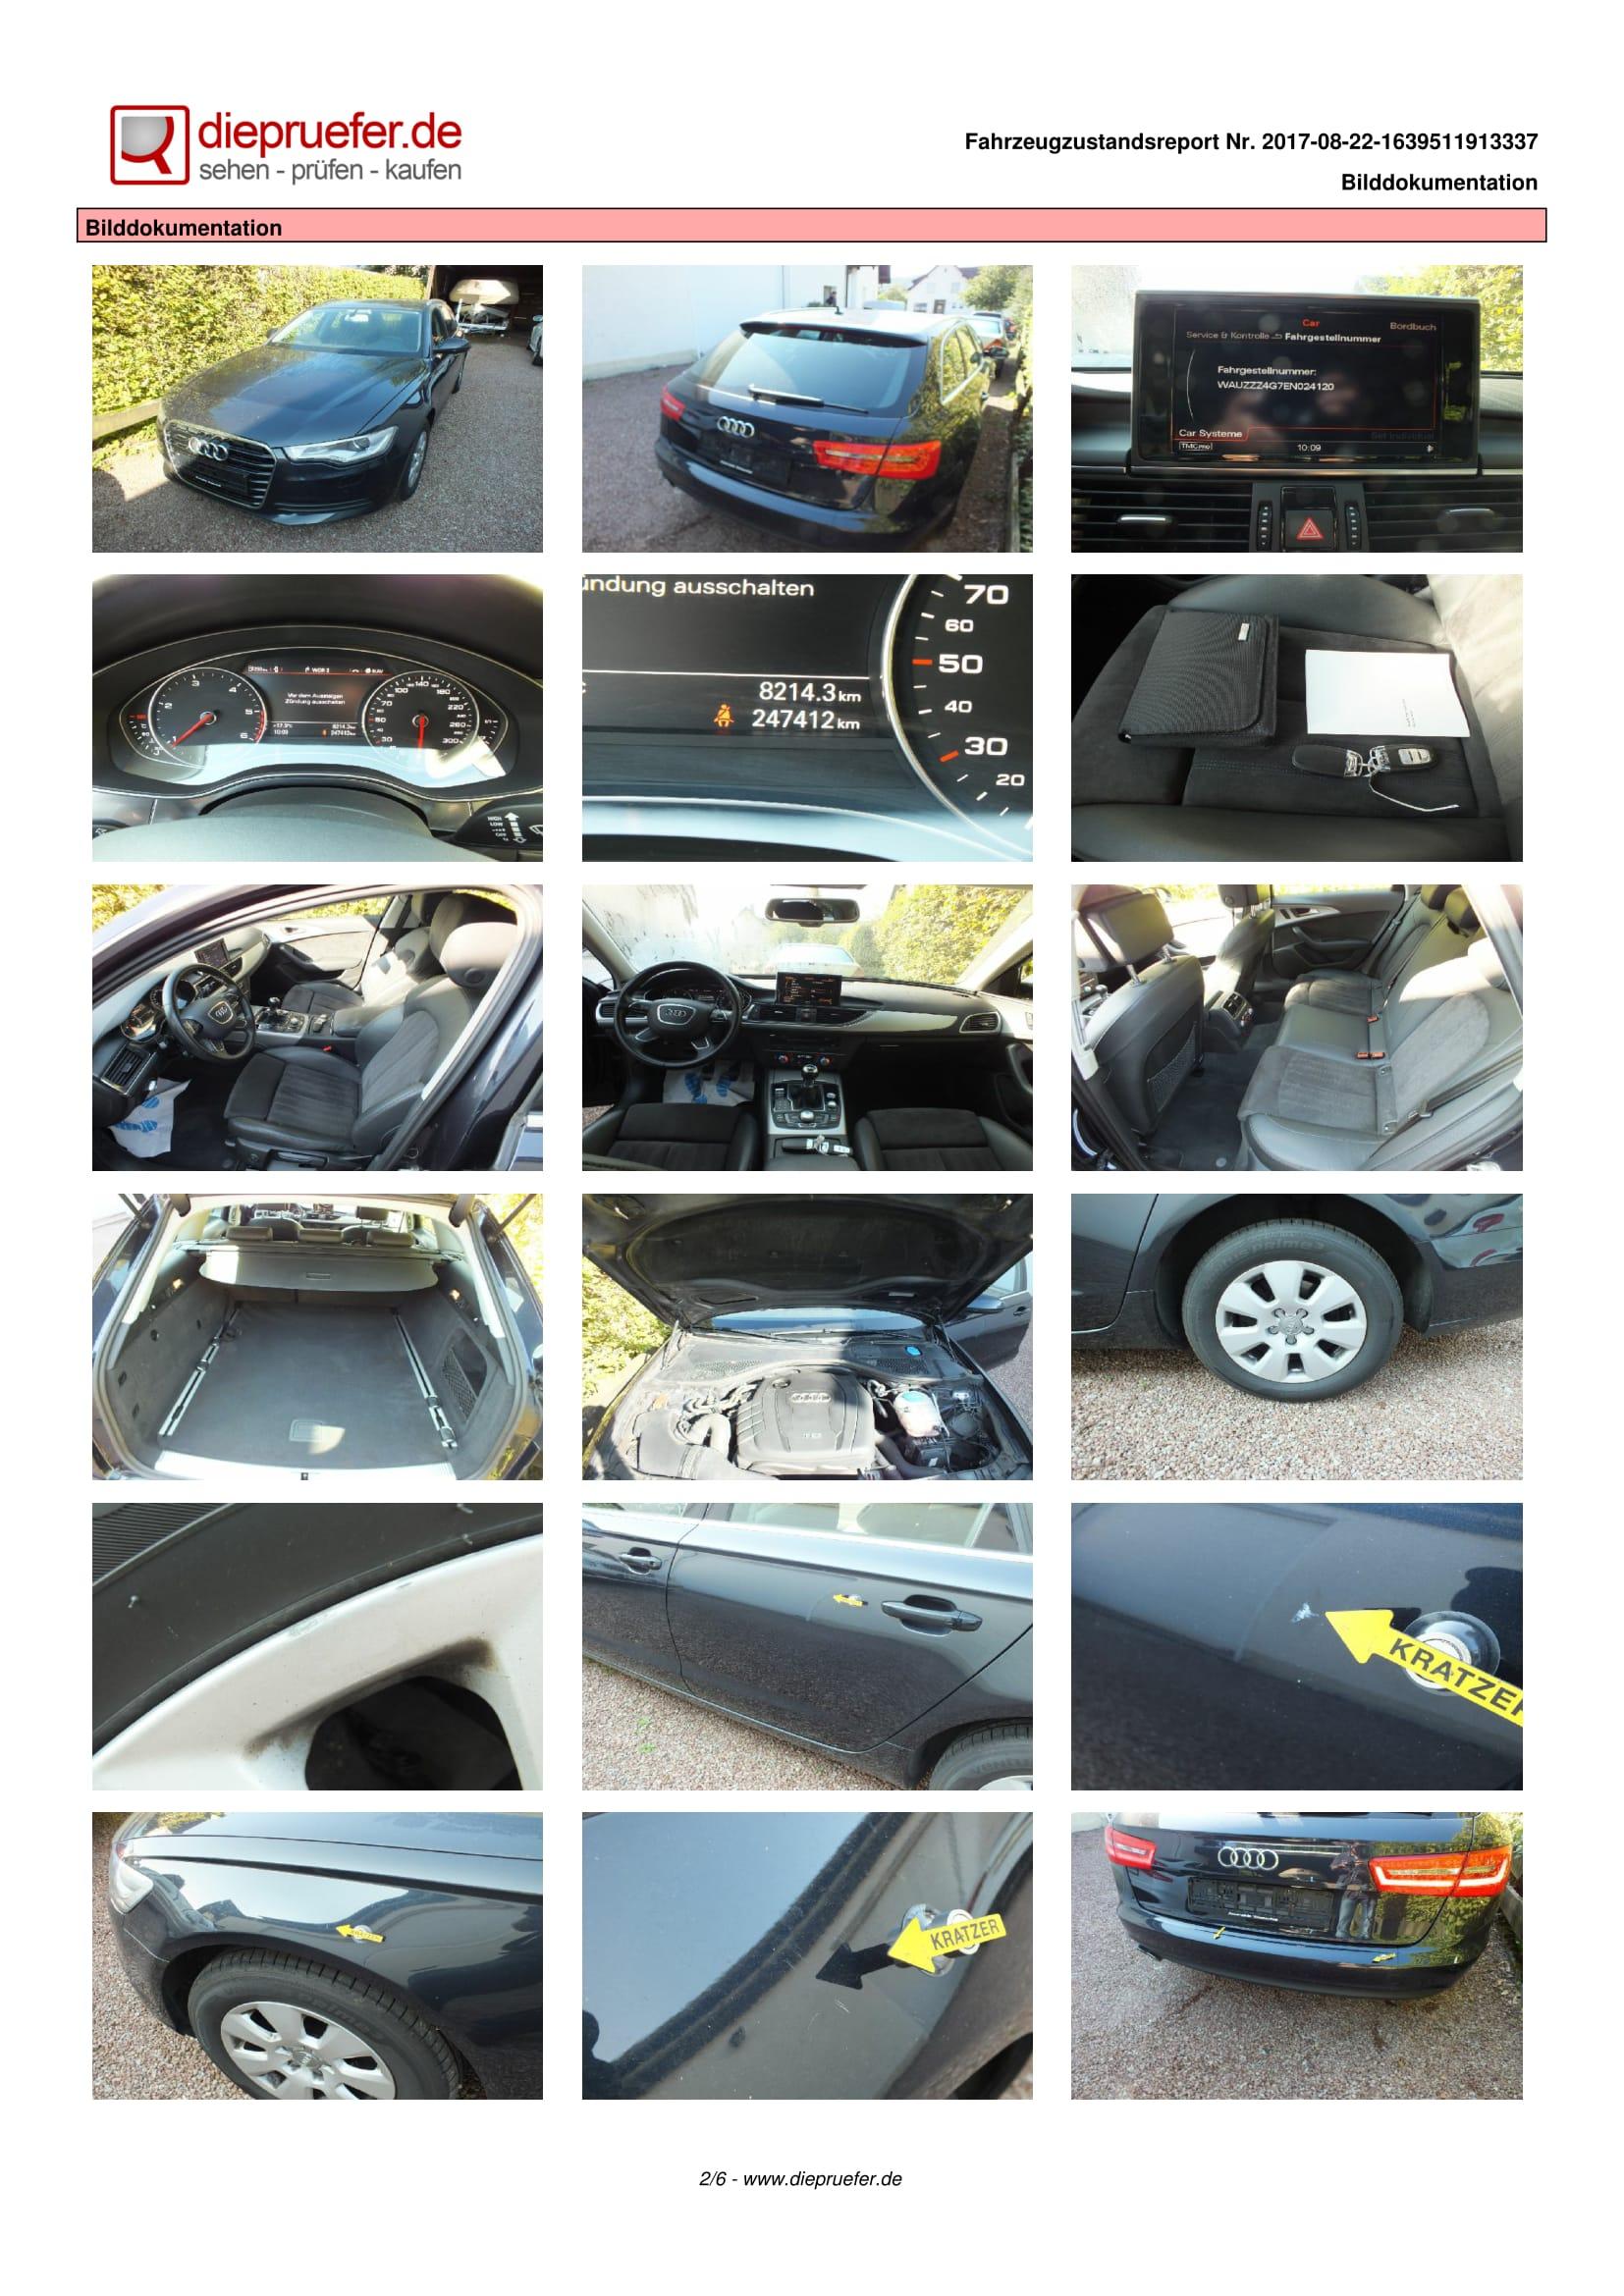 Protokol ot tehnicheska proverka Audi A6 Kombi 2013; 2.0 TDI; 177 hp; 09.09.2013 (2)